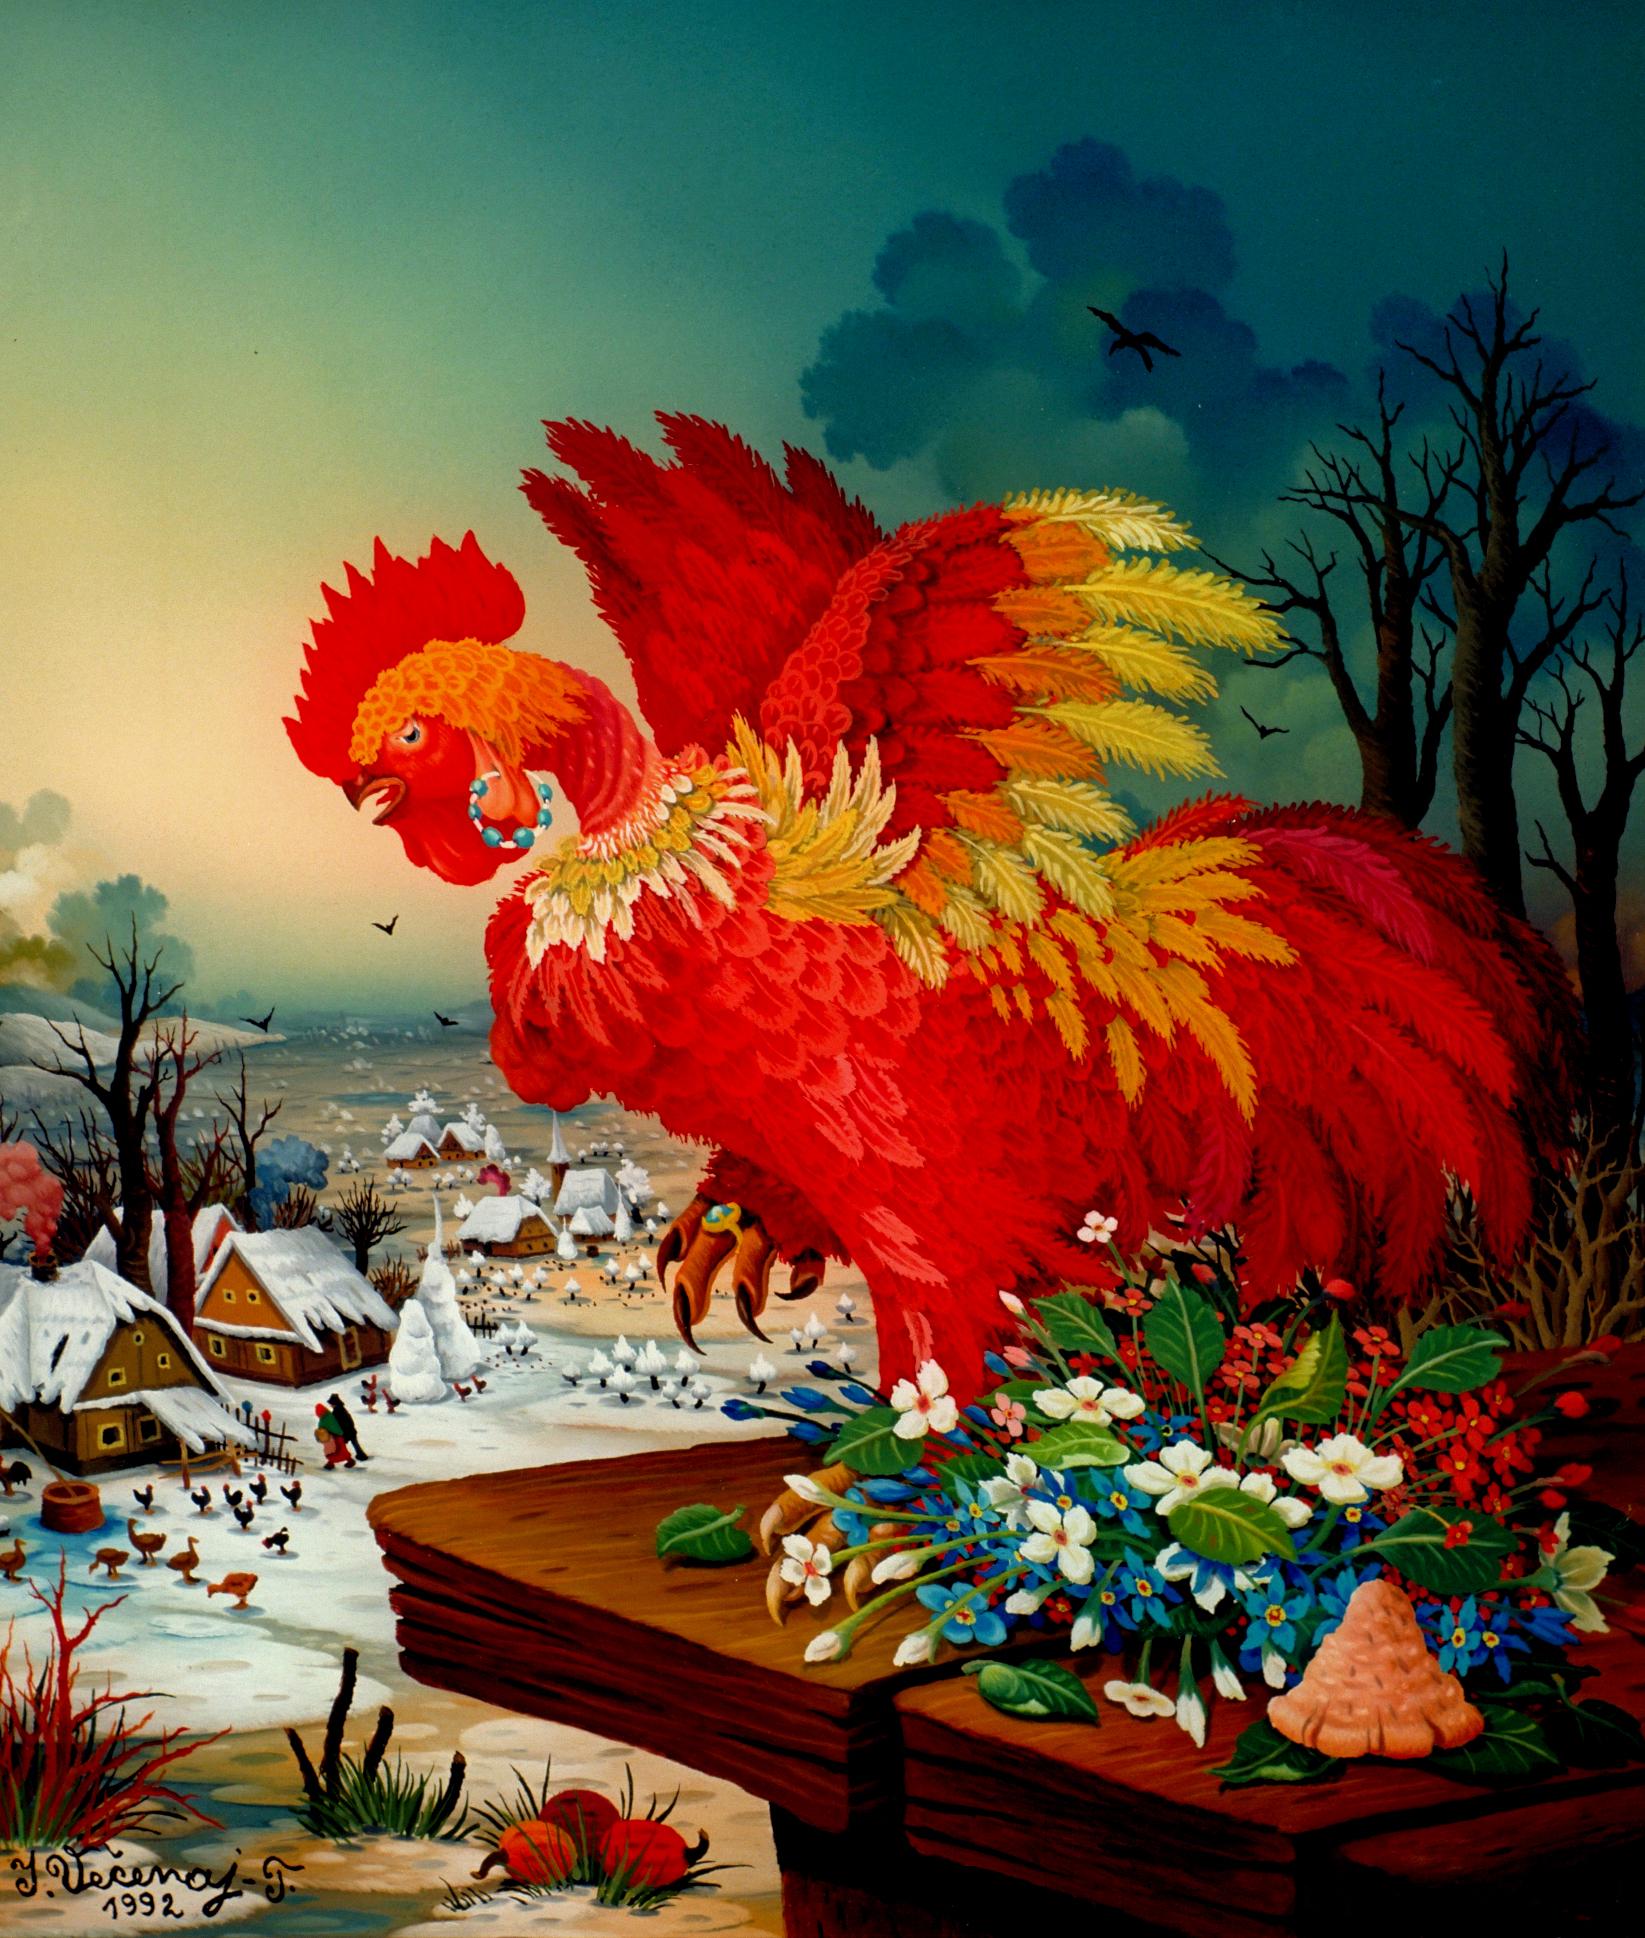 Ivan Vecenaj Tislarov, The Red Cock, Oil Behind Glass, 1992